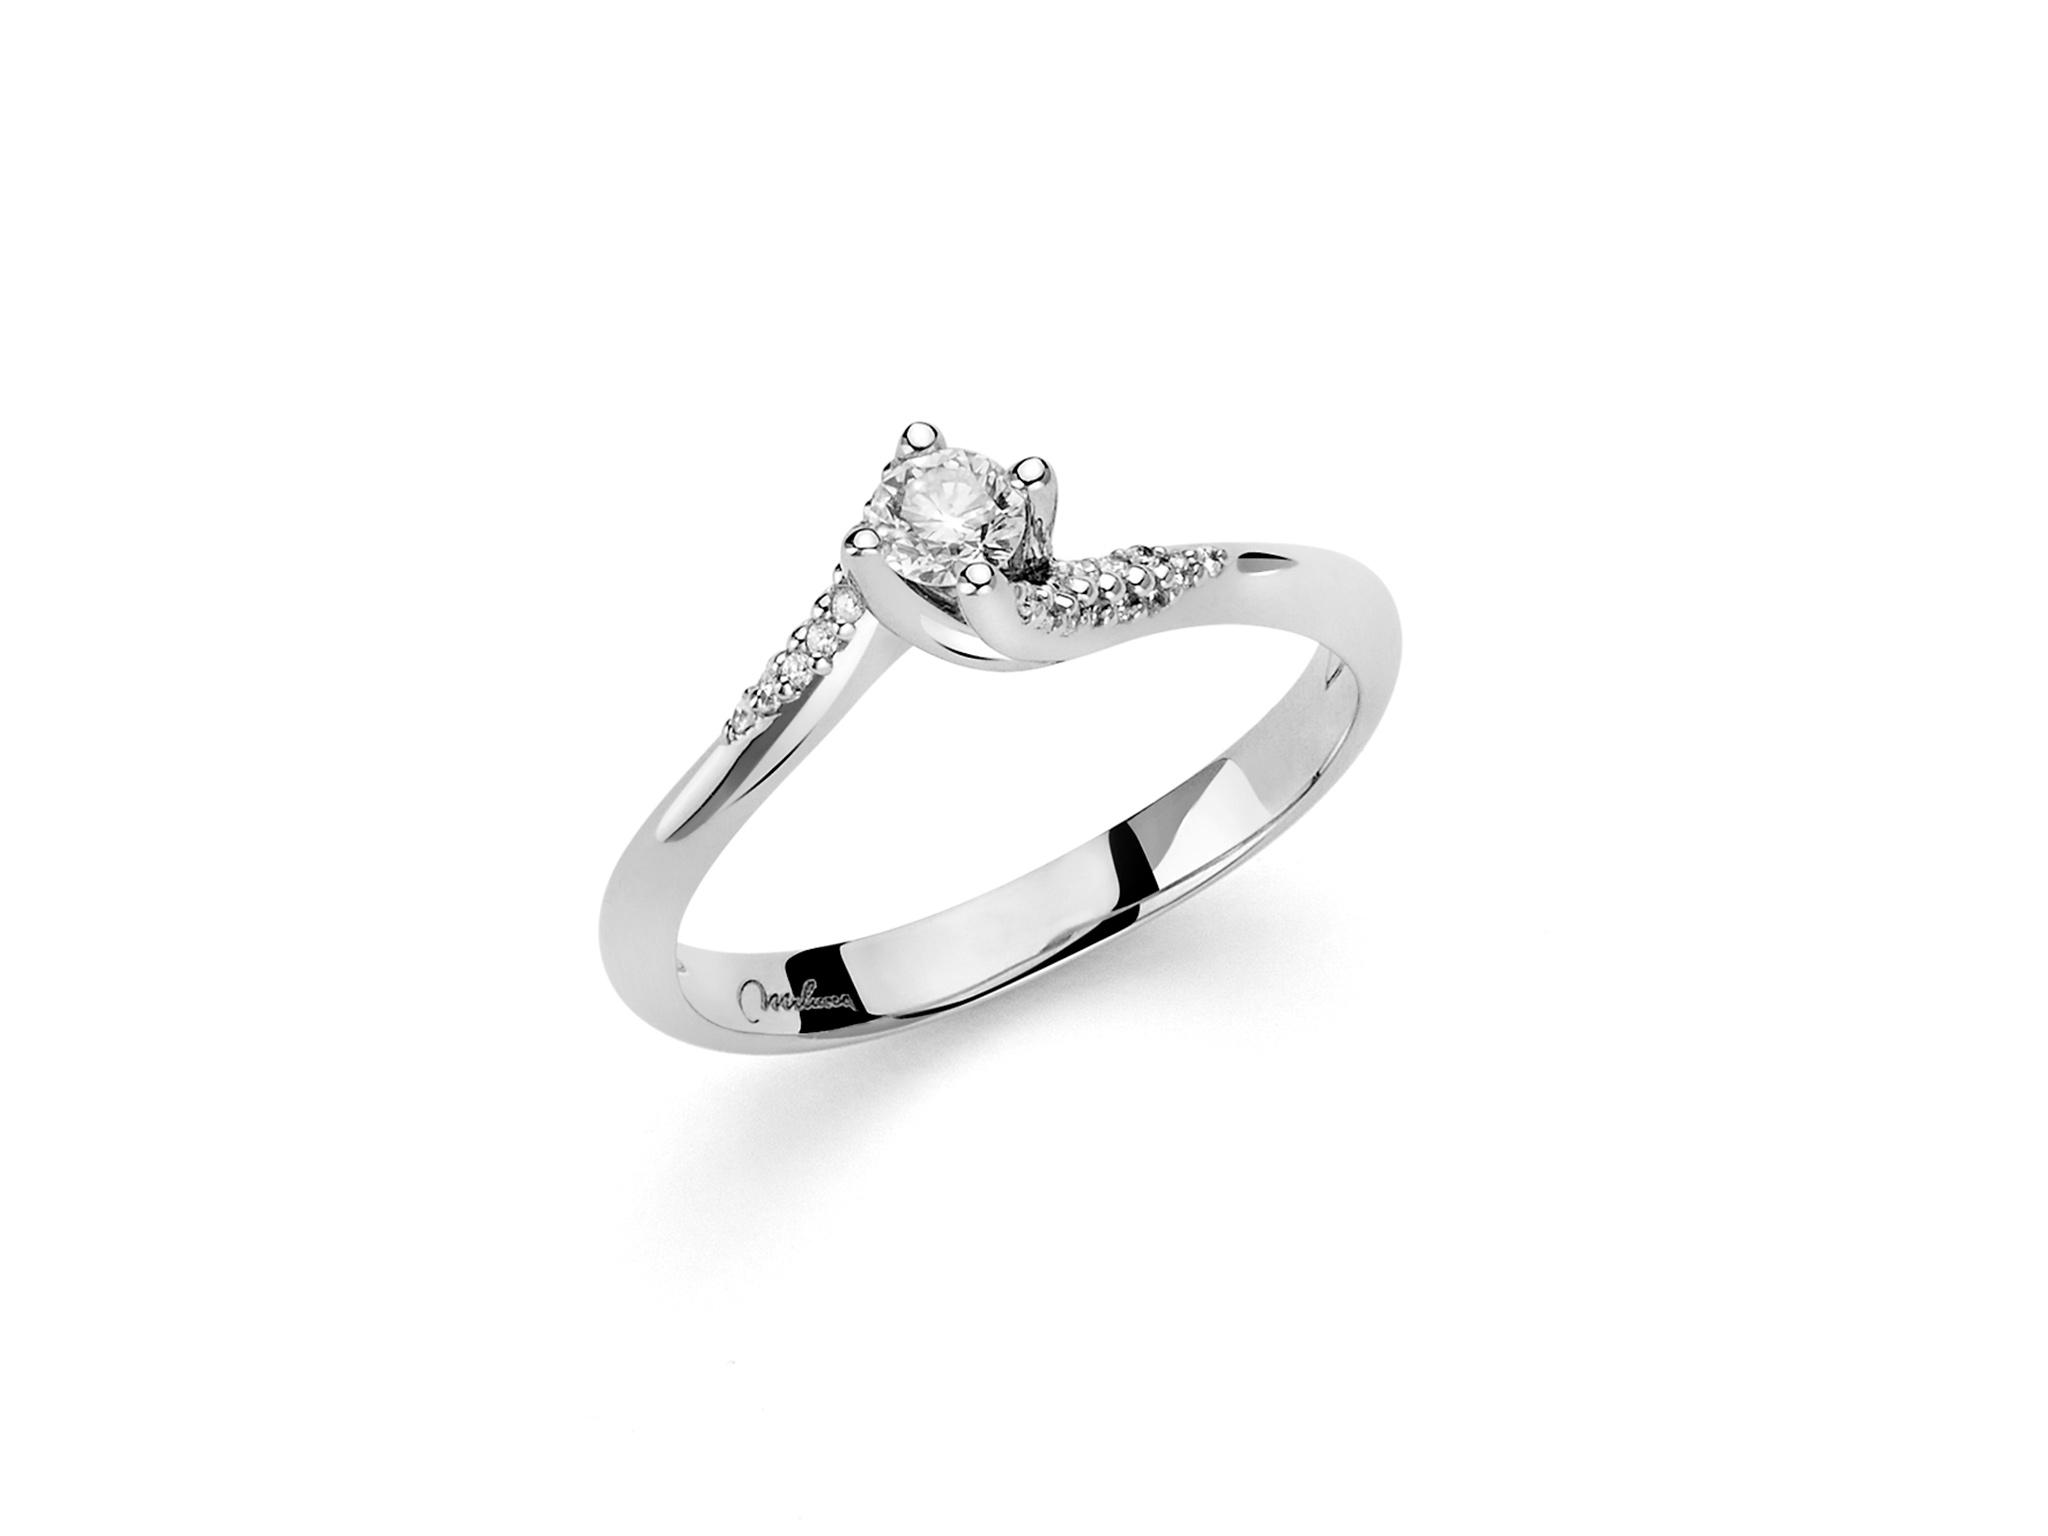 Solitario 4 griffes e diamanti. - LID3297-018G7